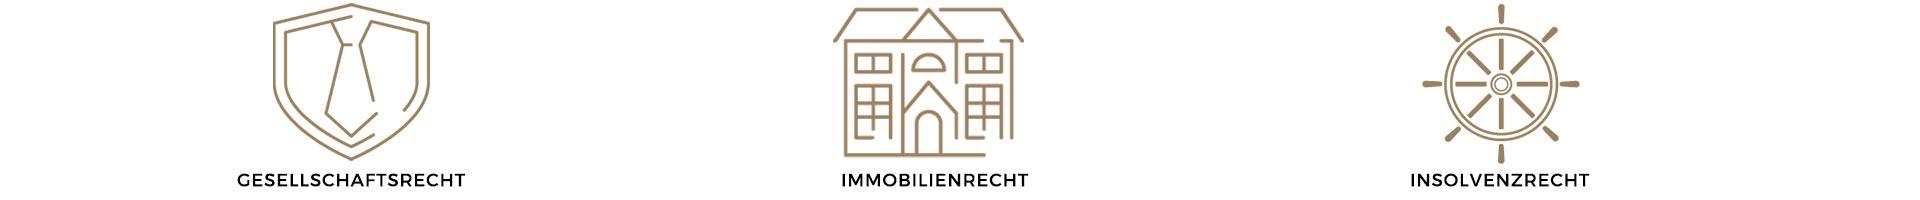 Rechtsgebiete unseres Rechtsanwalts in Nürnberg.